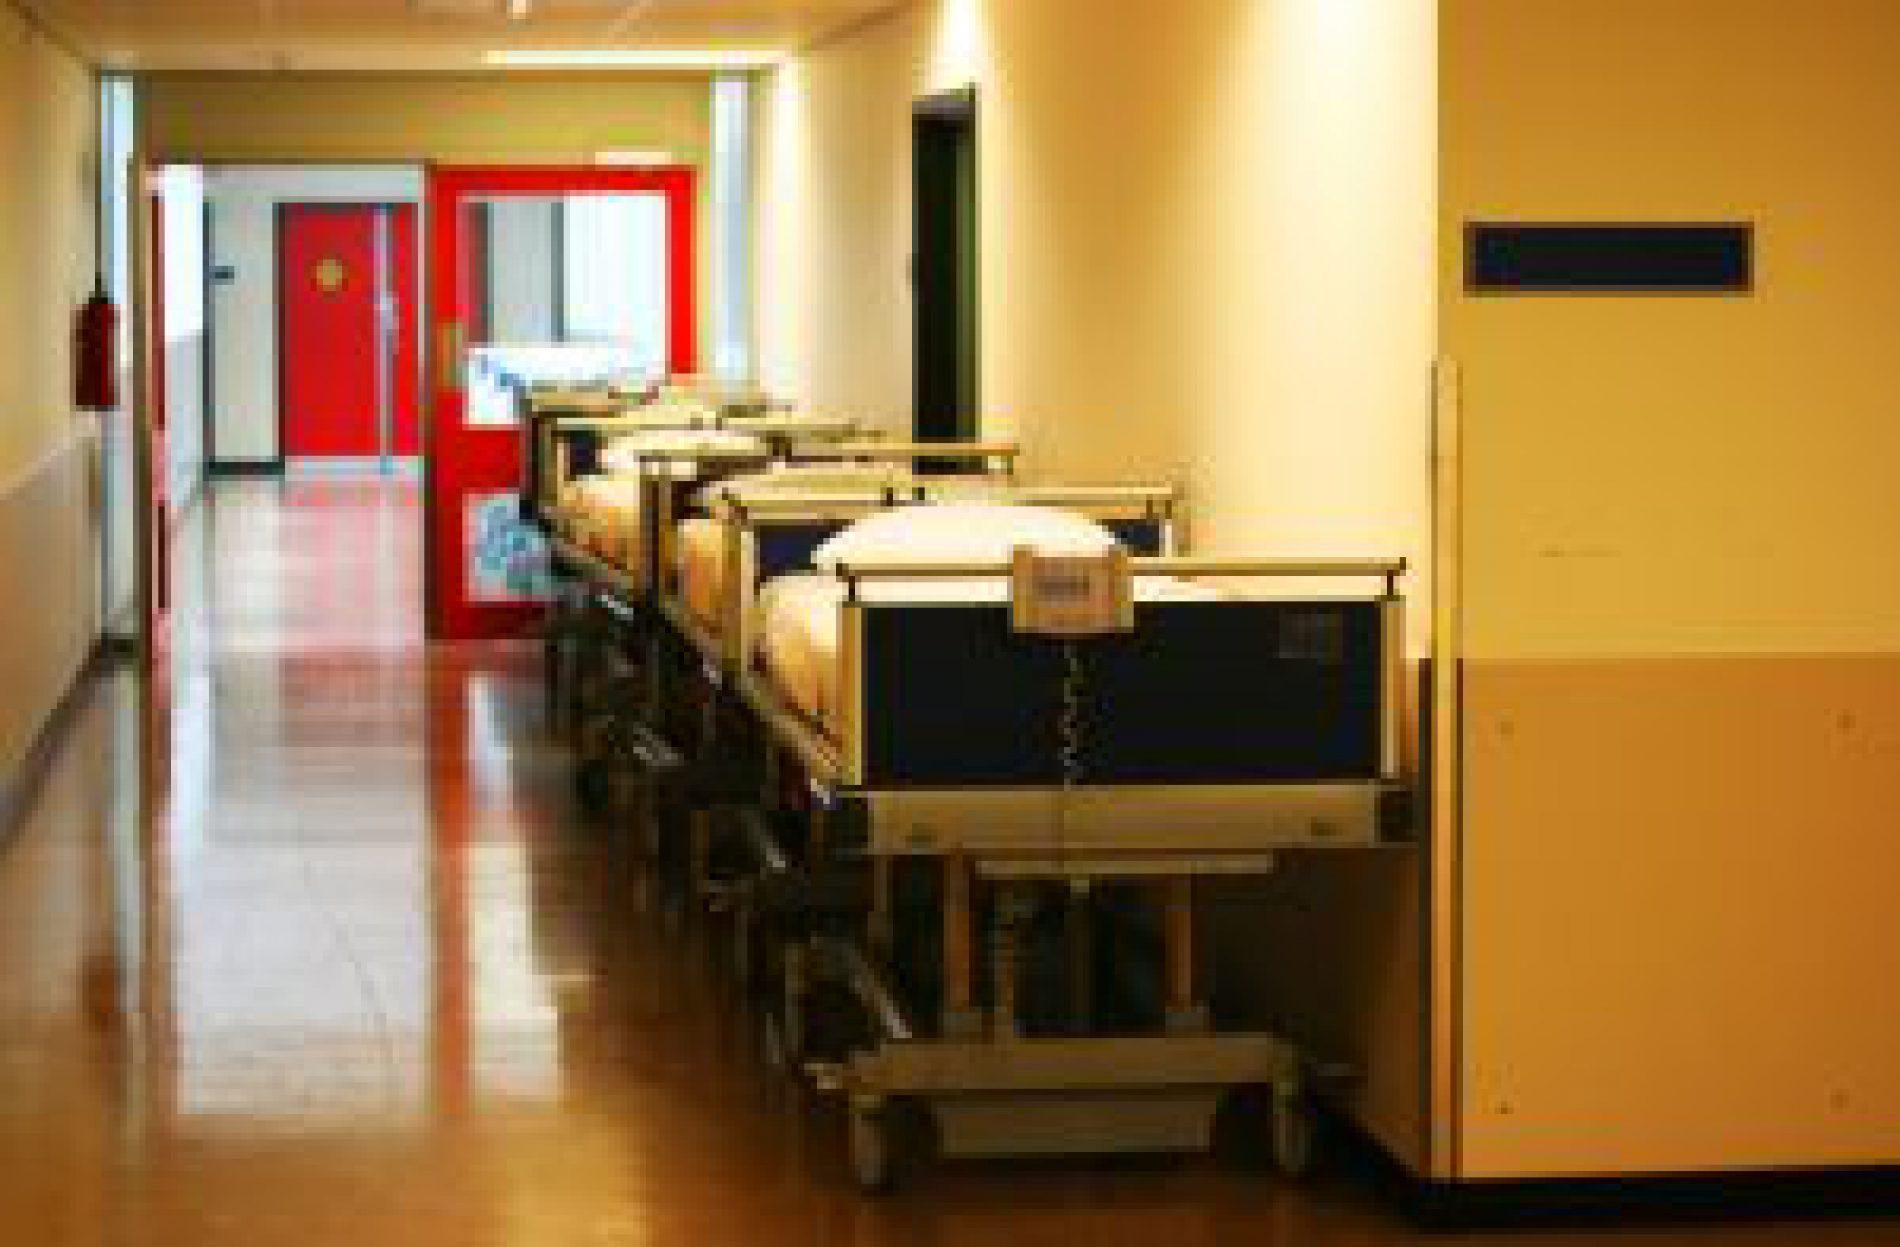 NIK skrtytykowała warunki leczenia na oddziałach dziecięcych w regionalnych szpitalach